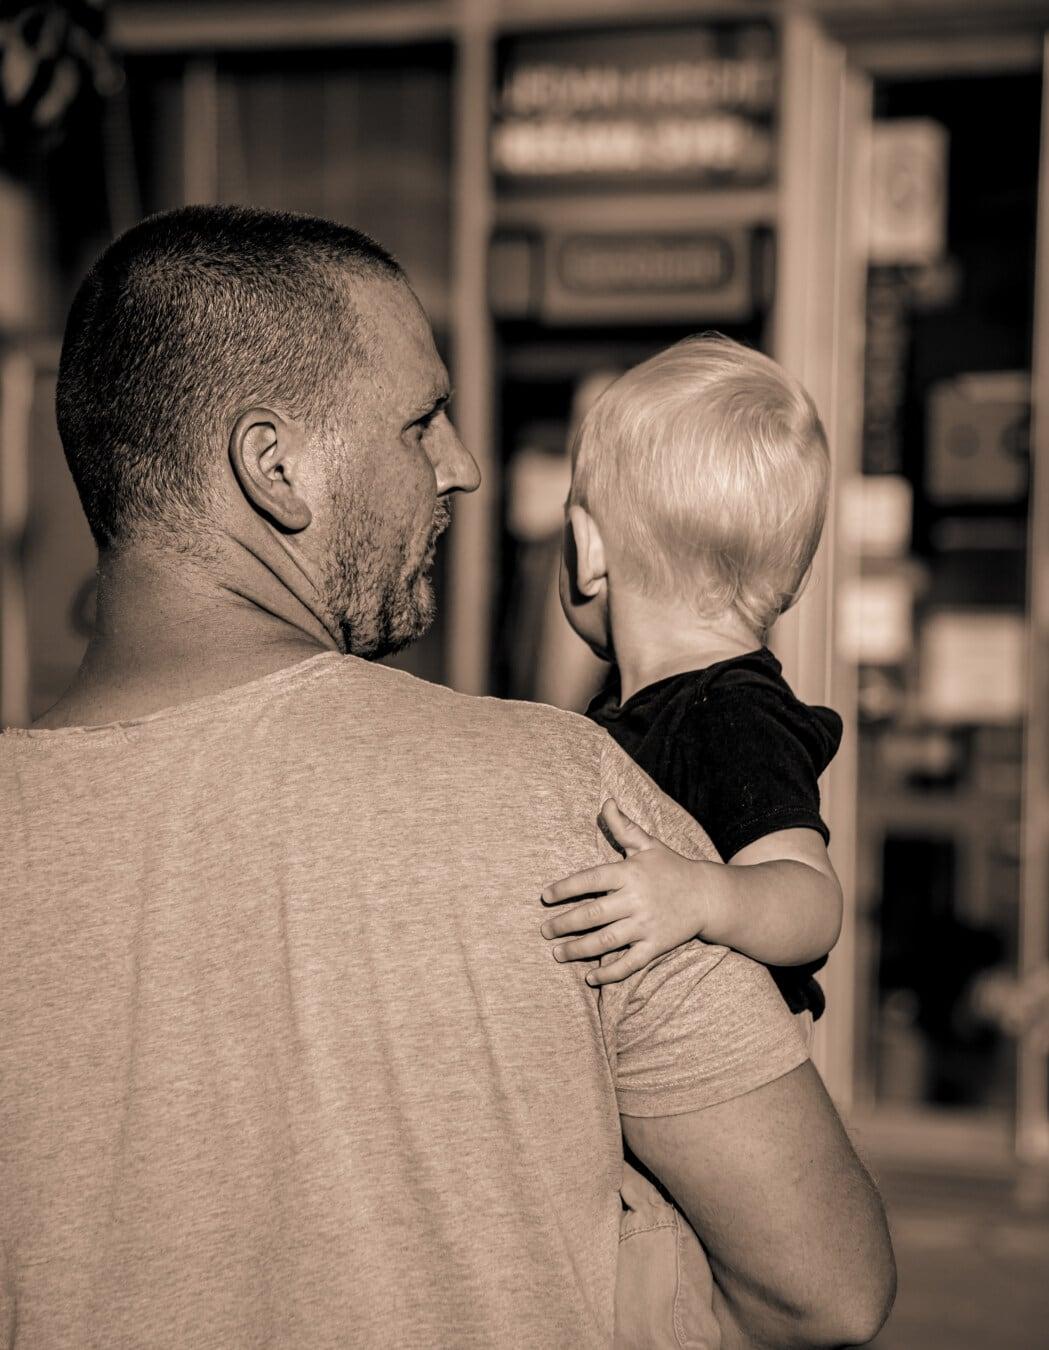 Sohn, Vater, übergeordnete, Elternschaft, untergeordnete, Sepia, Nostalgie, Baby, Mann, Liebe